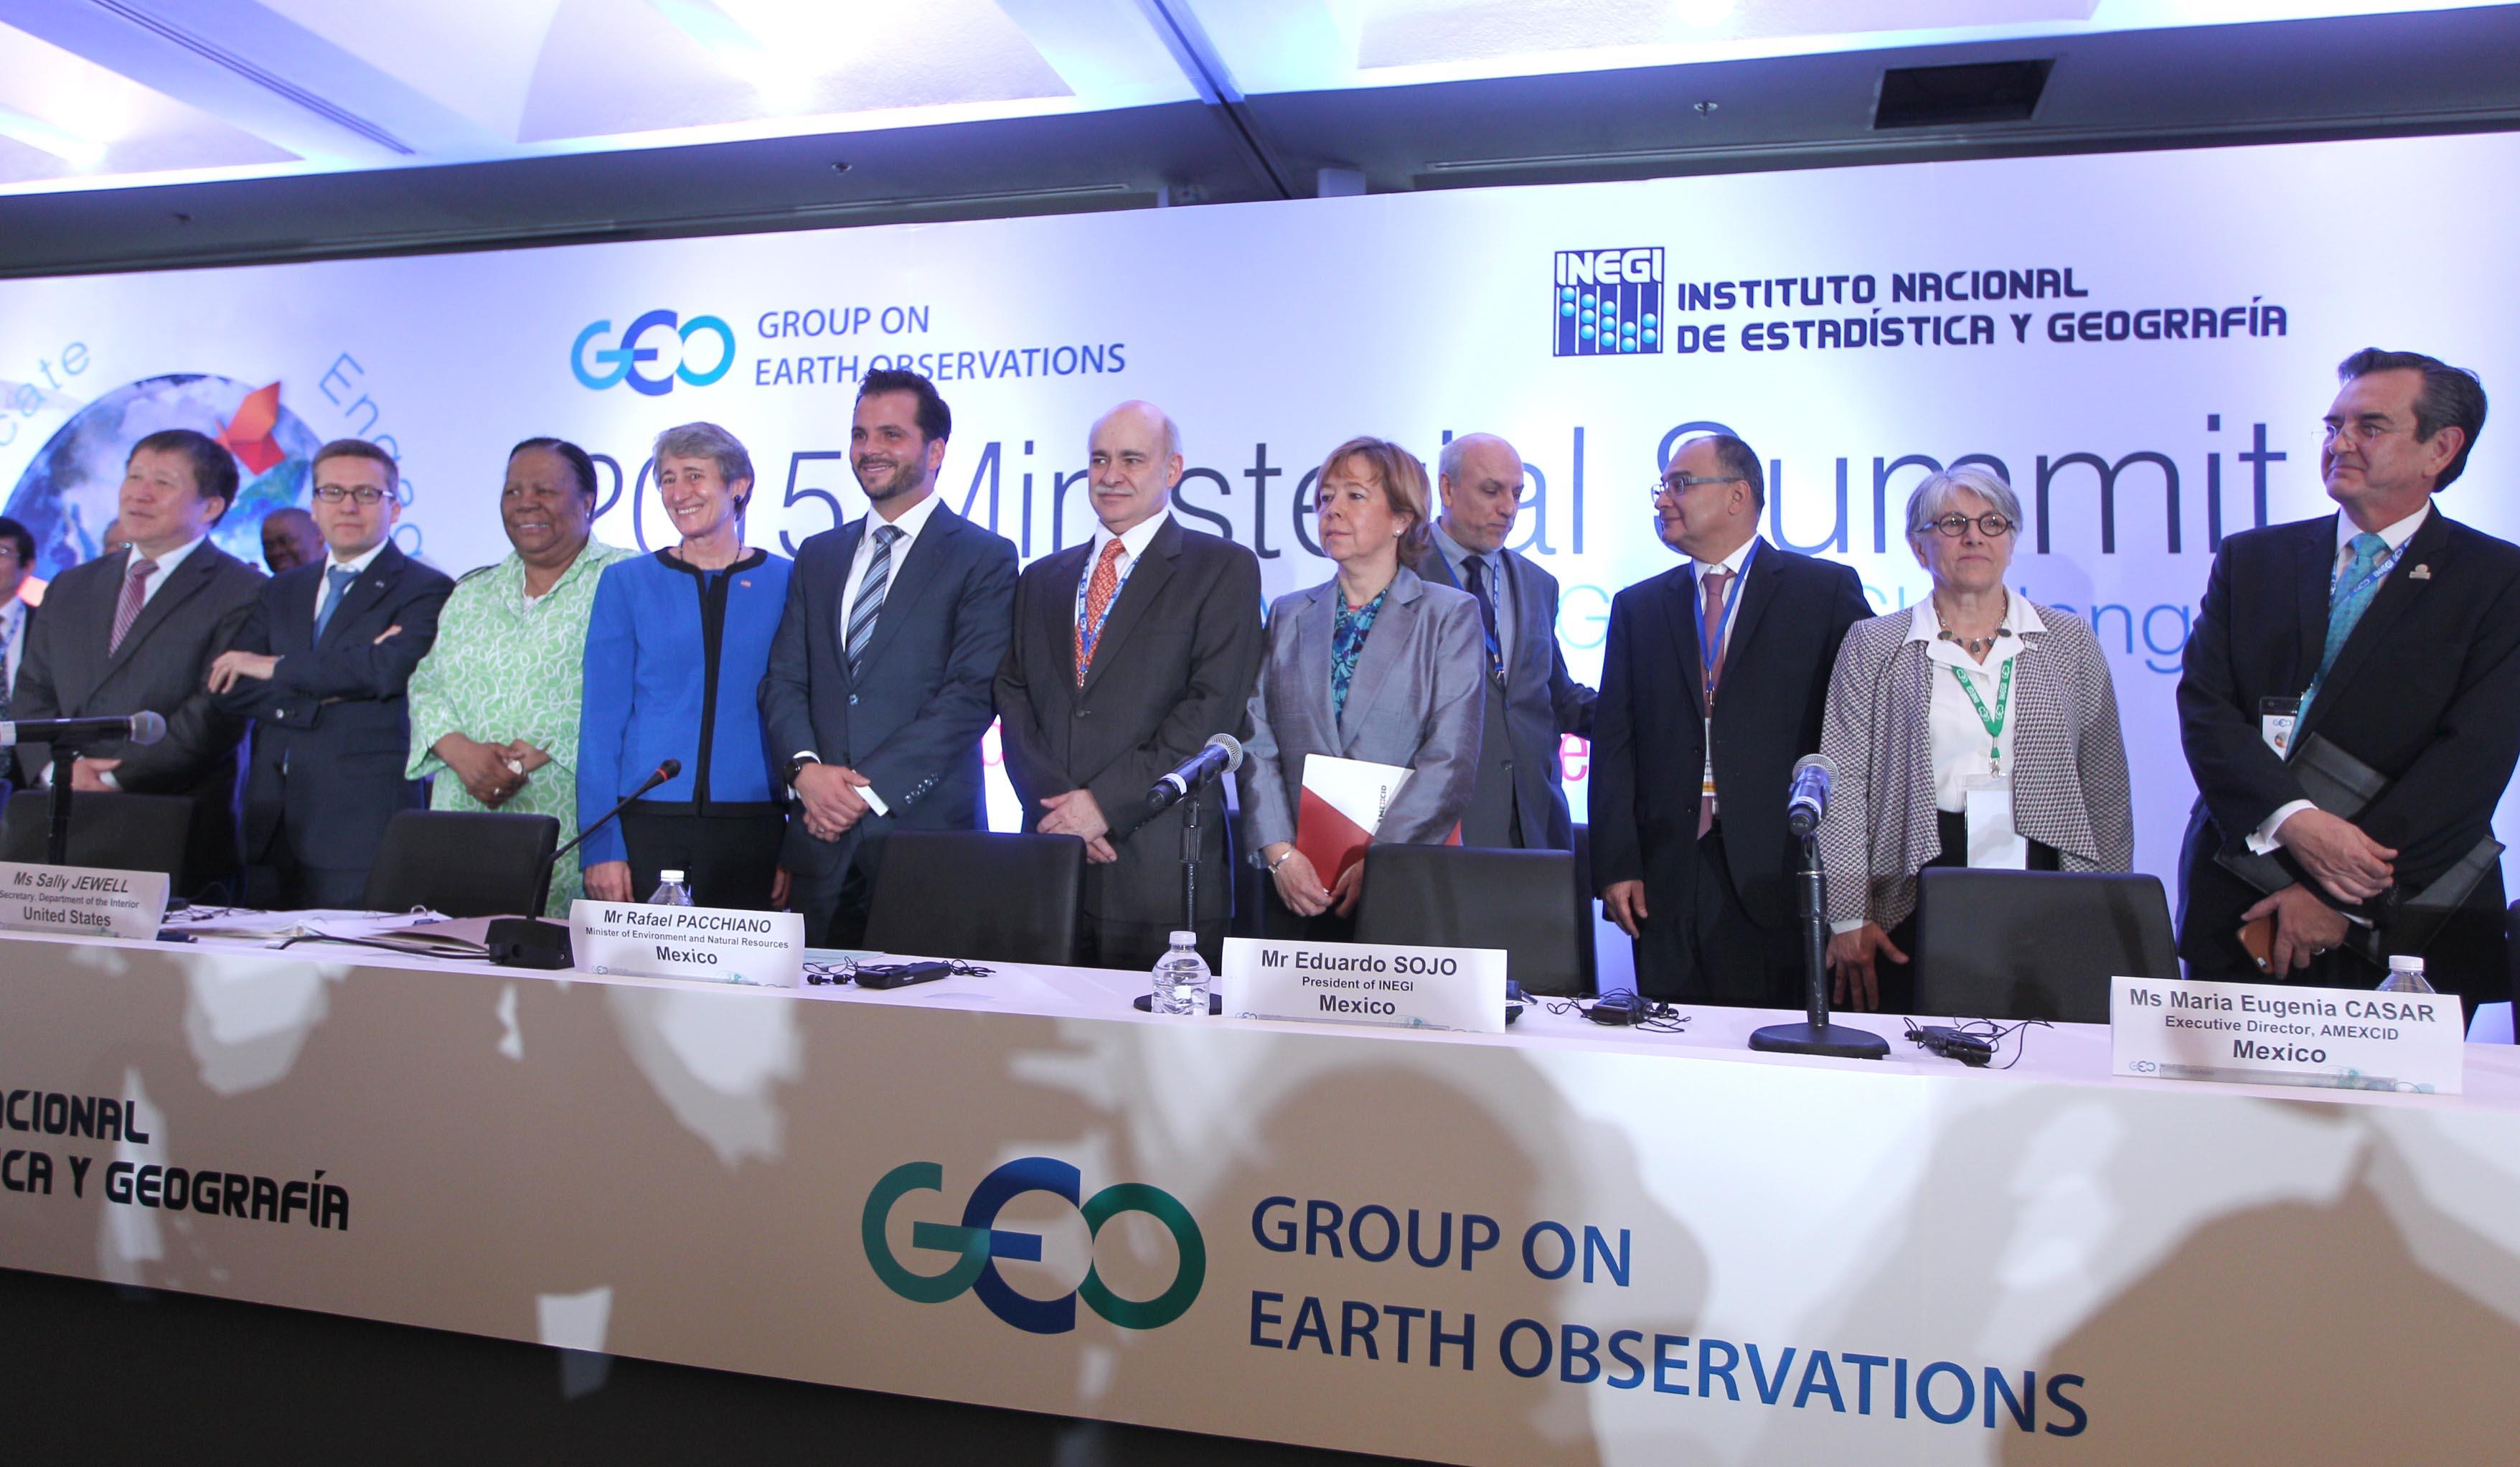 FOTO 2 Inauguraci n de la Cumbre Ministerial 2015 del Grupo de Observadores de la Tierrajpg